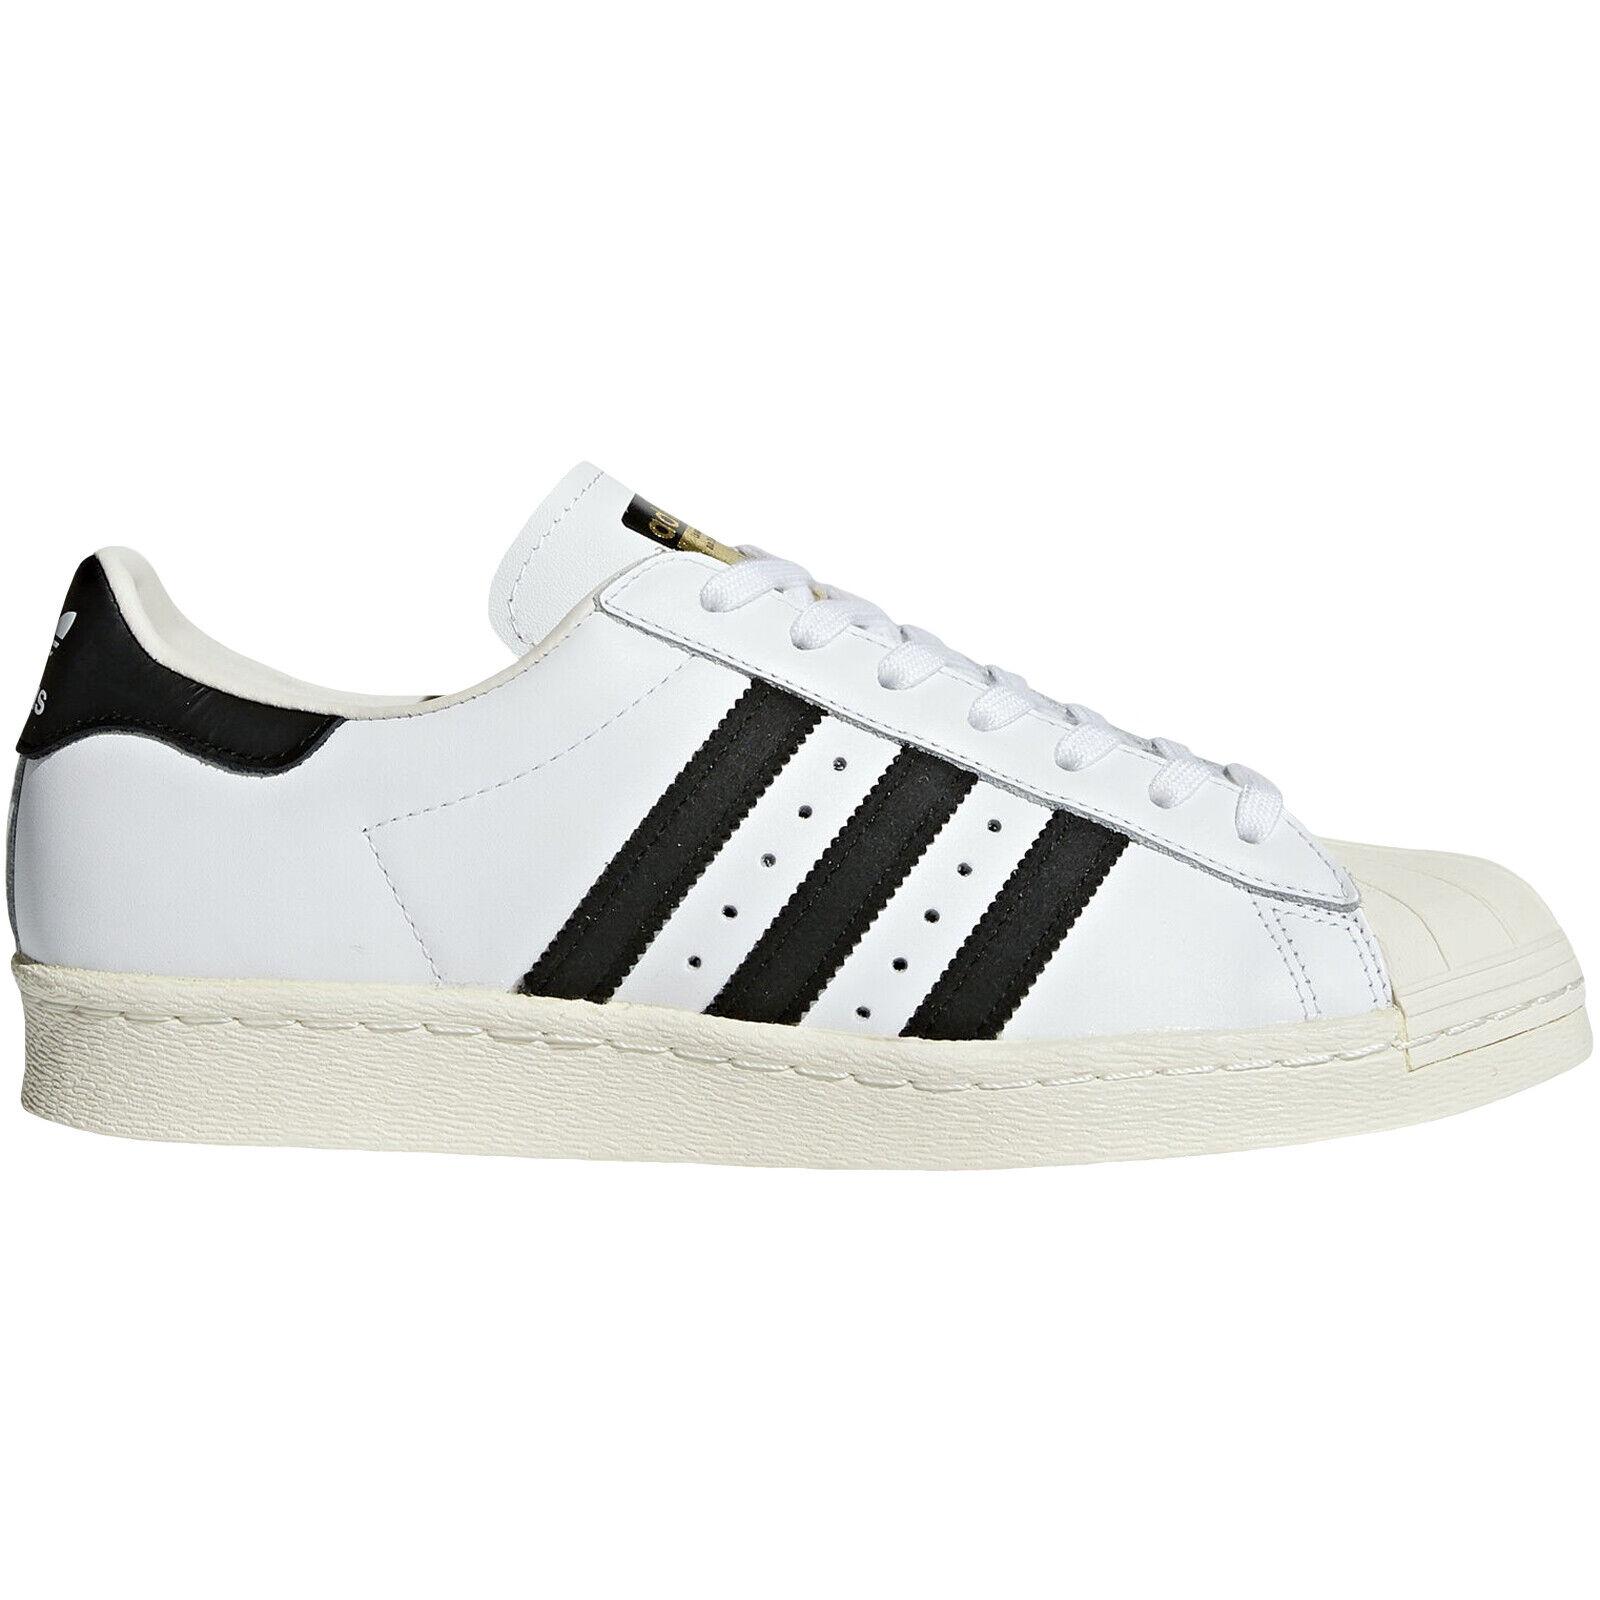 Adidas Original Herren Superstar 80S Gehäuse Zehen Modische Turnschuhe - Weiß